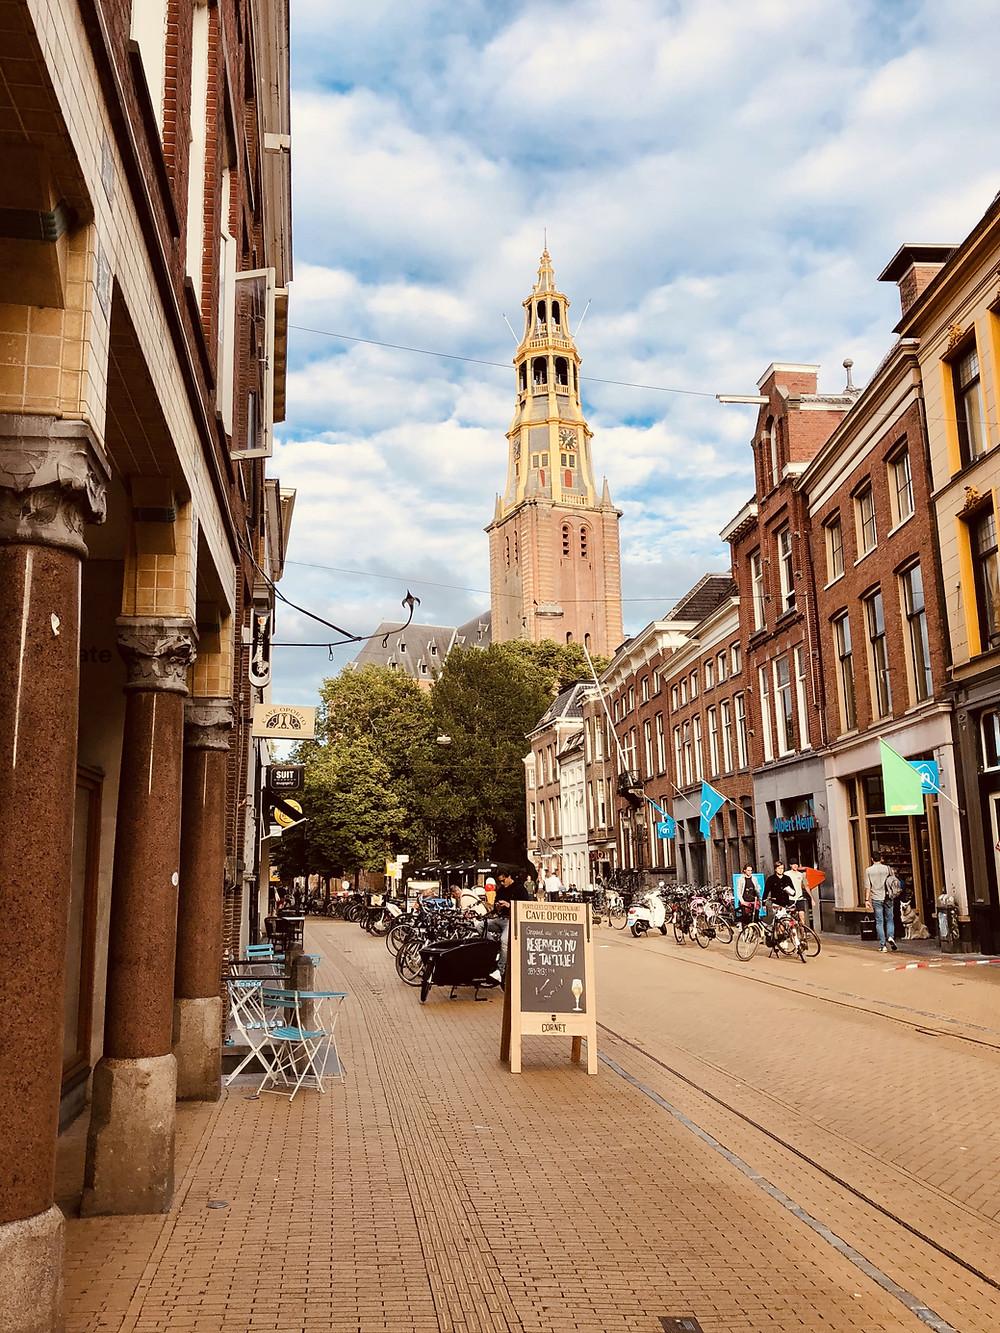 Groningen city center-The Netherlands